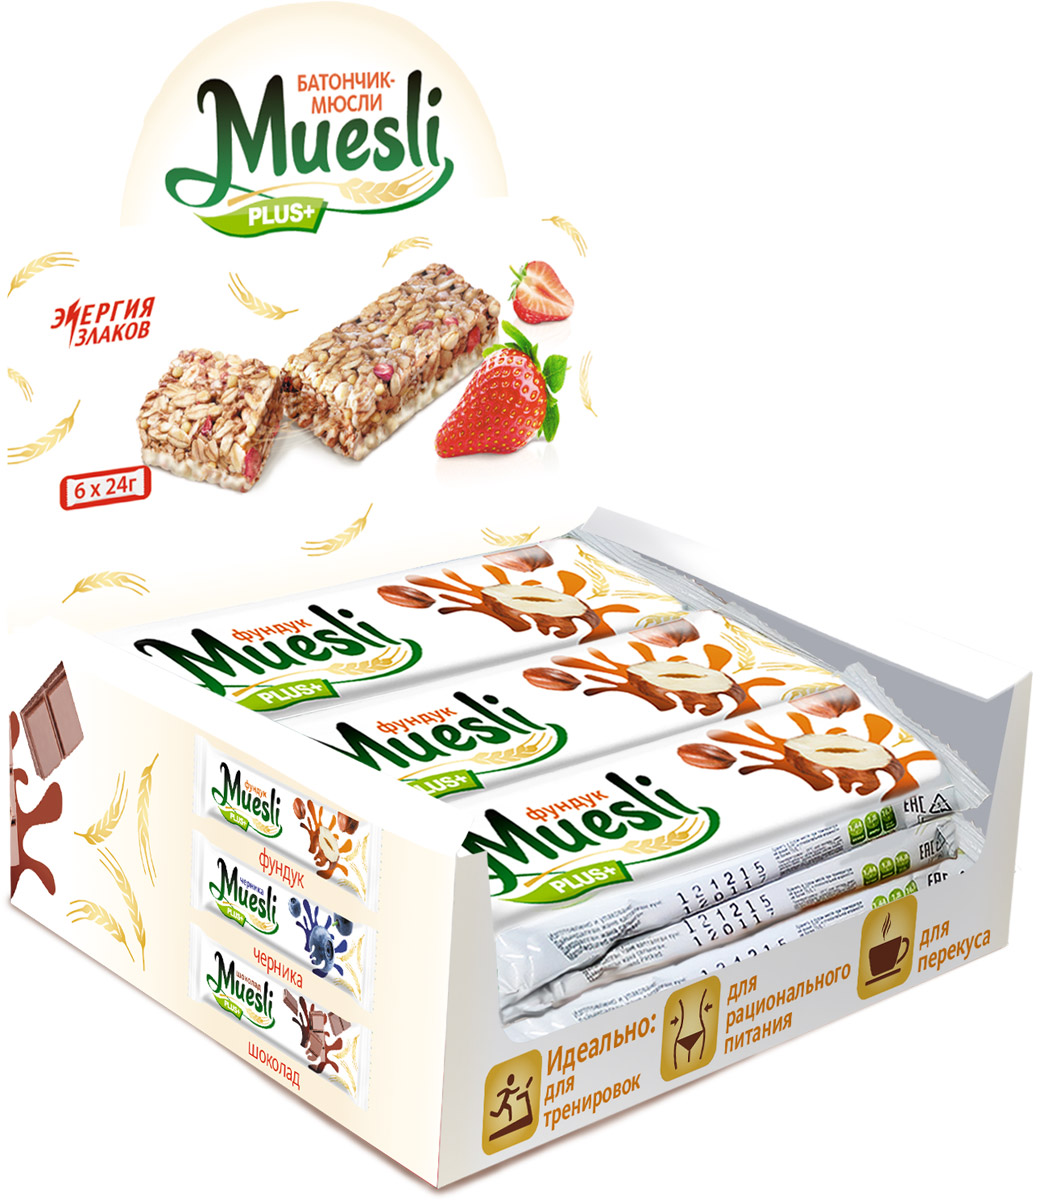 Matti Muesli Plus батончик мюсли ореховый микс, 6 шт по 24 г спрей концентрированный ореховый микс 50мл